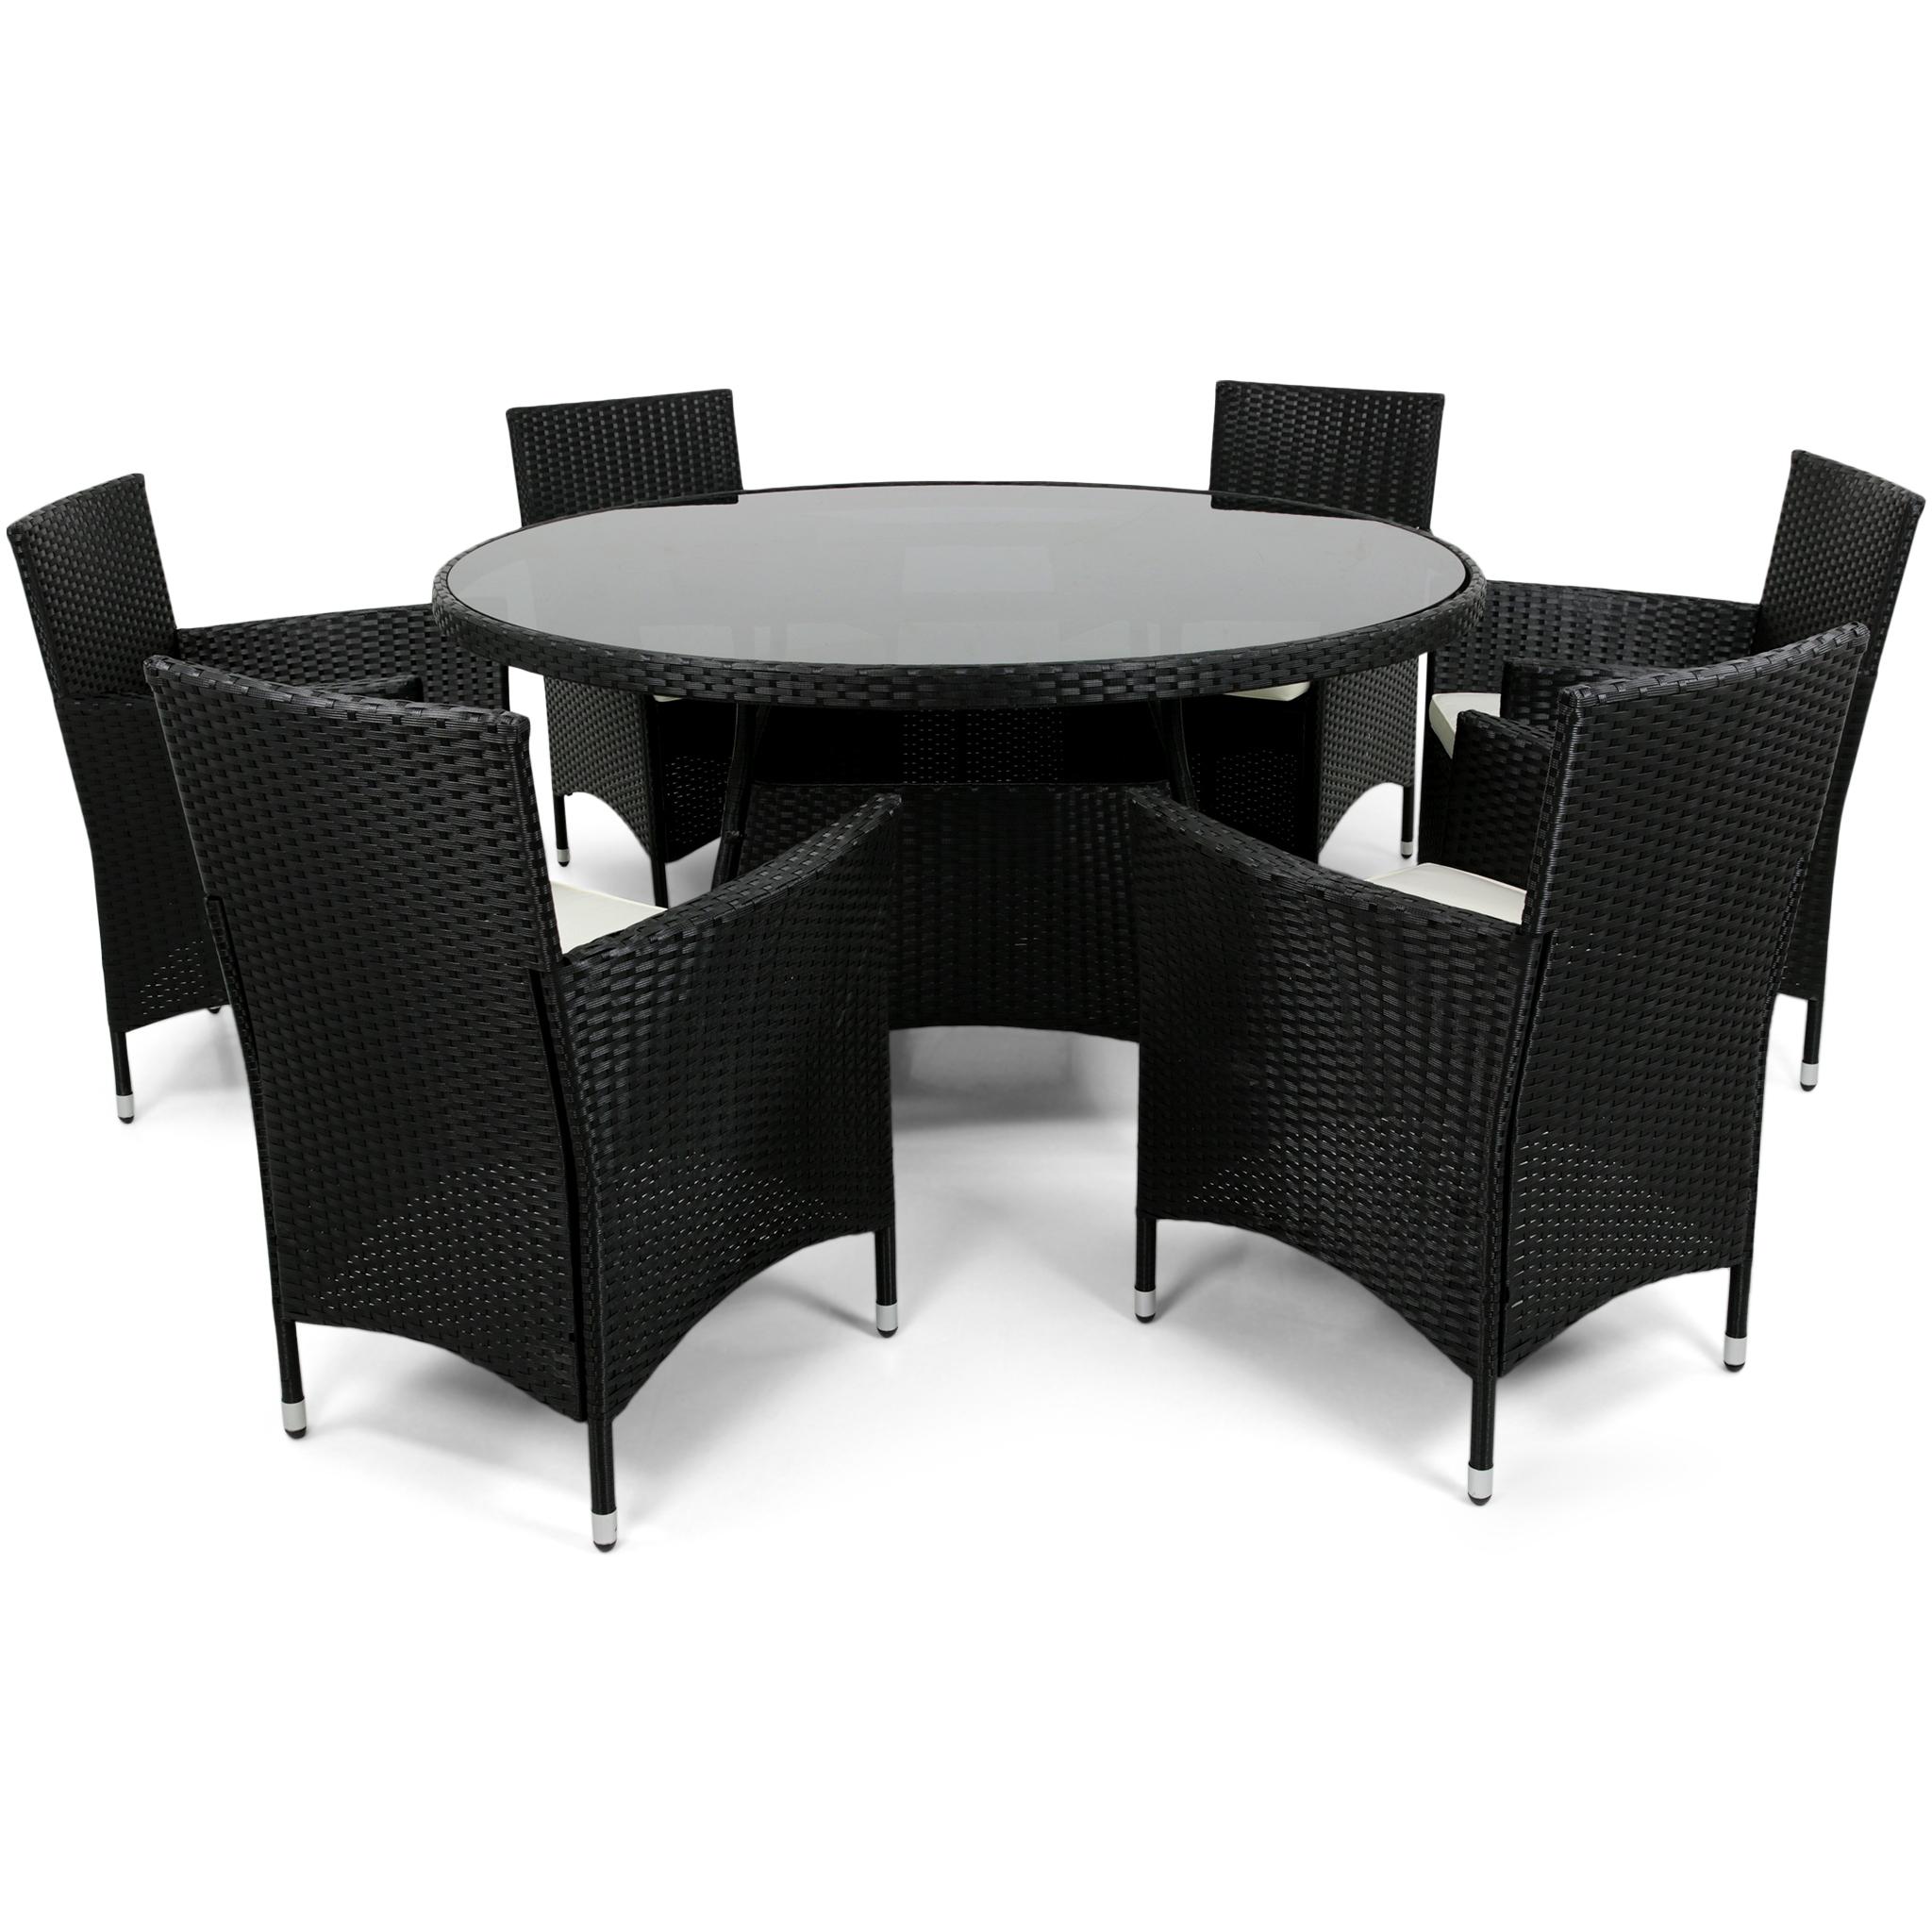 Splitter nya Rund matgrupp utemöbler | 6 stolar | Dynor ingår | Konstrotting AI-79